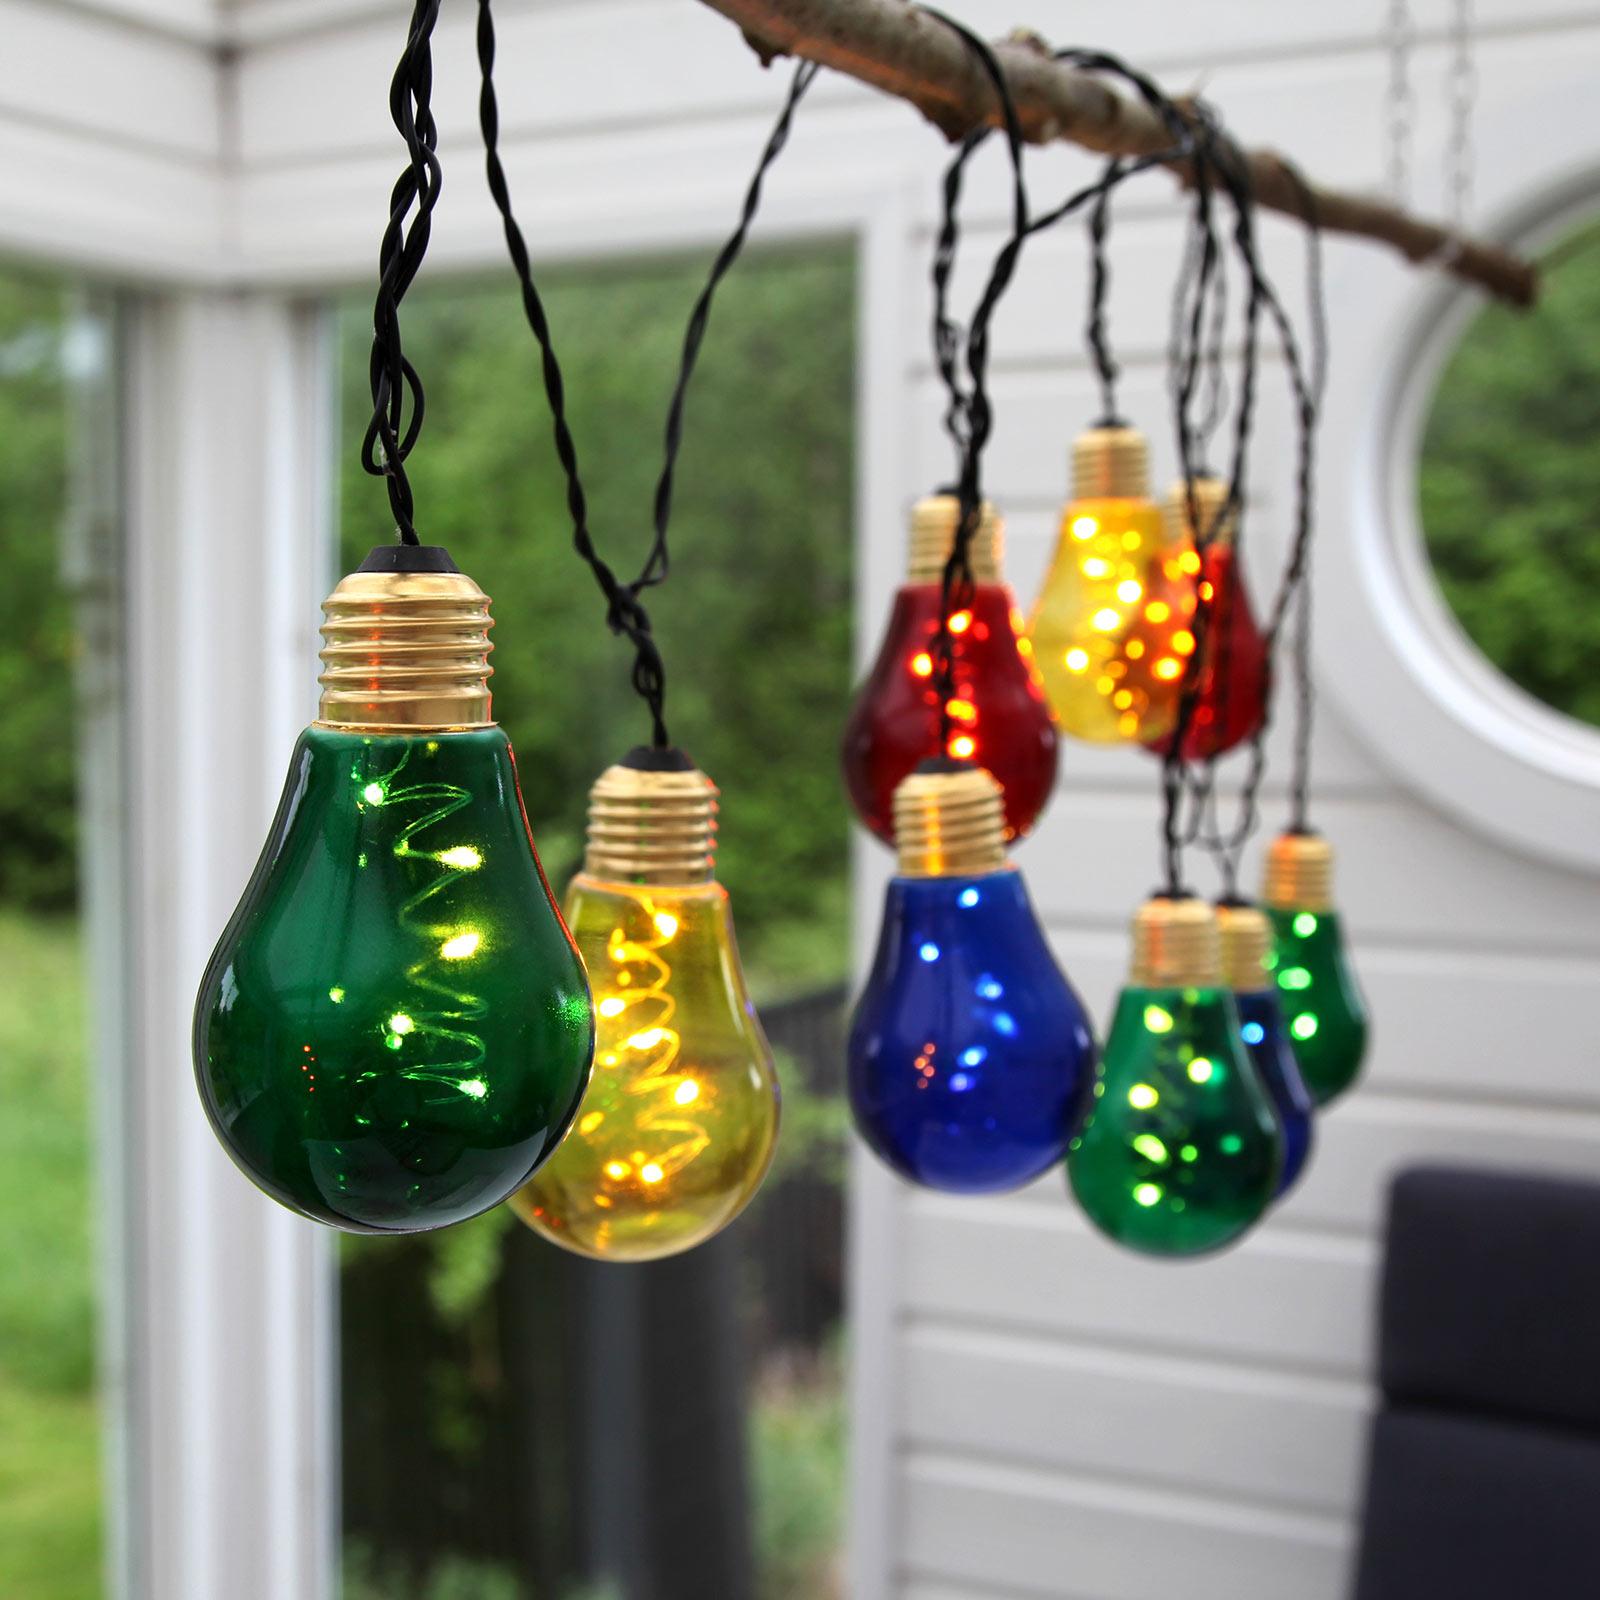 LED-Lichterkette Glow mit 10 bunten Lichtquellen